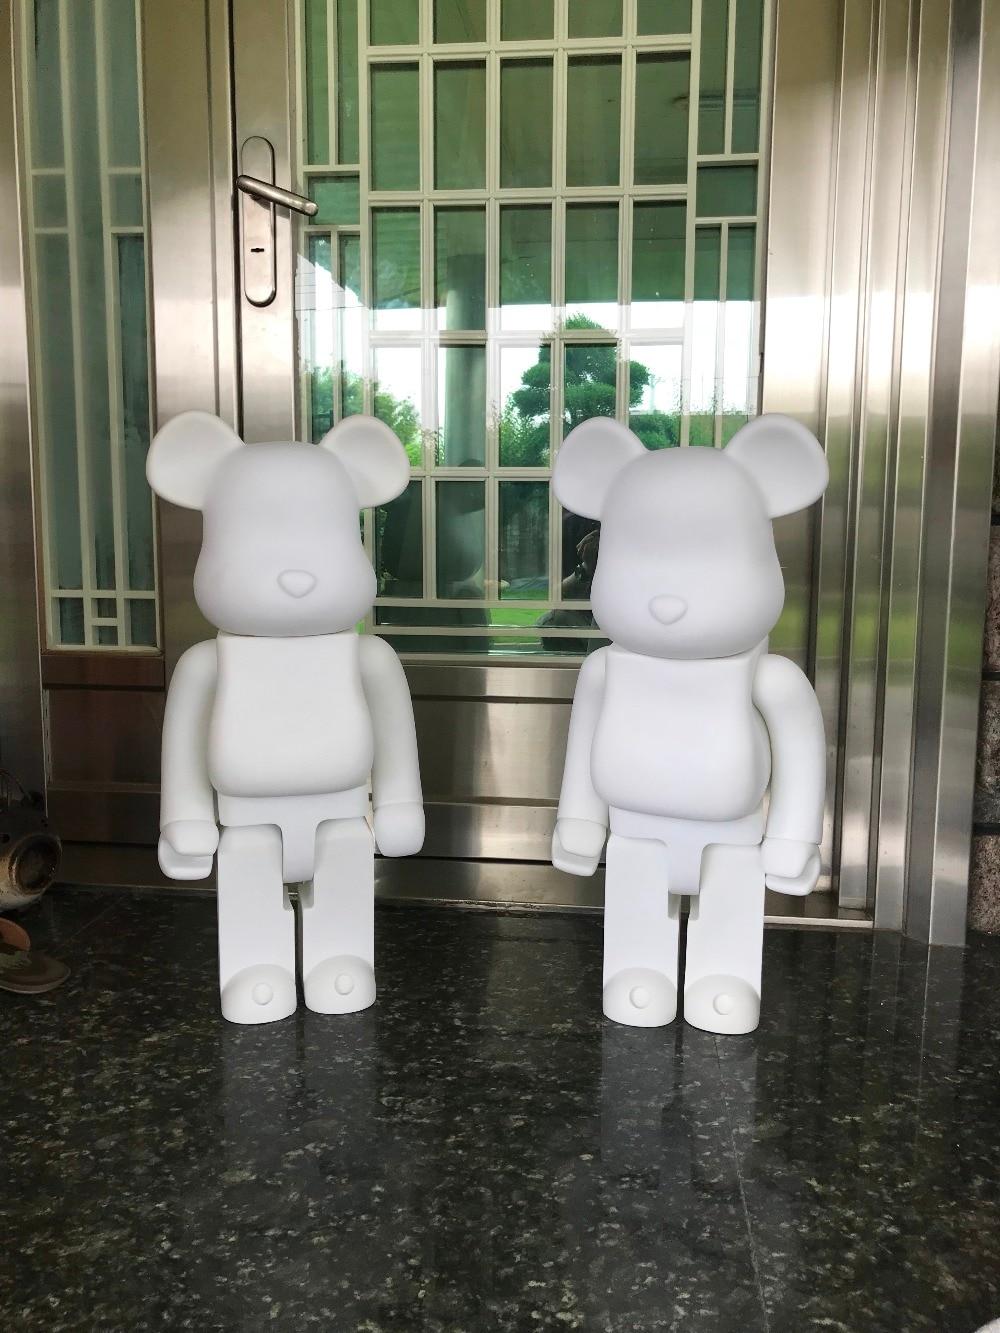 Ограниченная версия 1000% bearbrick медведь @ кирпич 70 см DIY Краски ПВХ фигурку белый Цвет с Opp